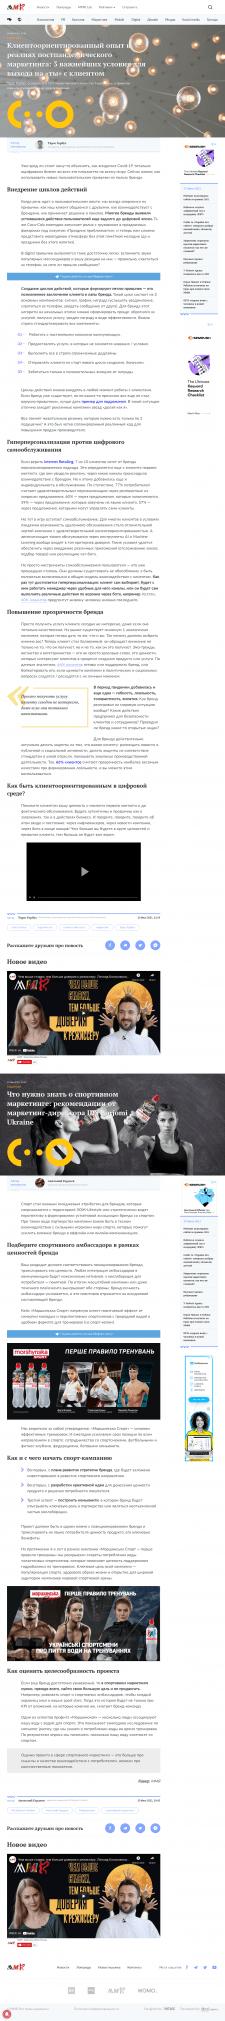 Статья для СМИ на тему маркетинга